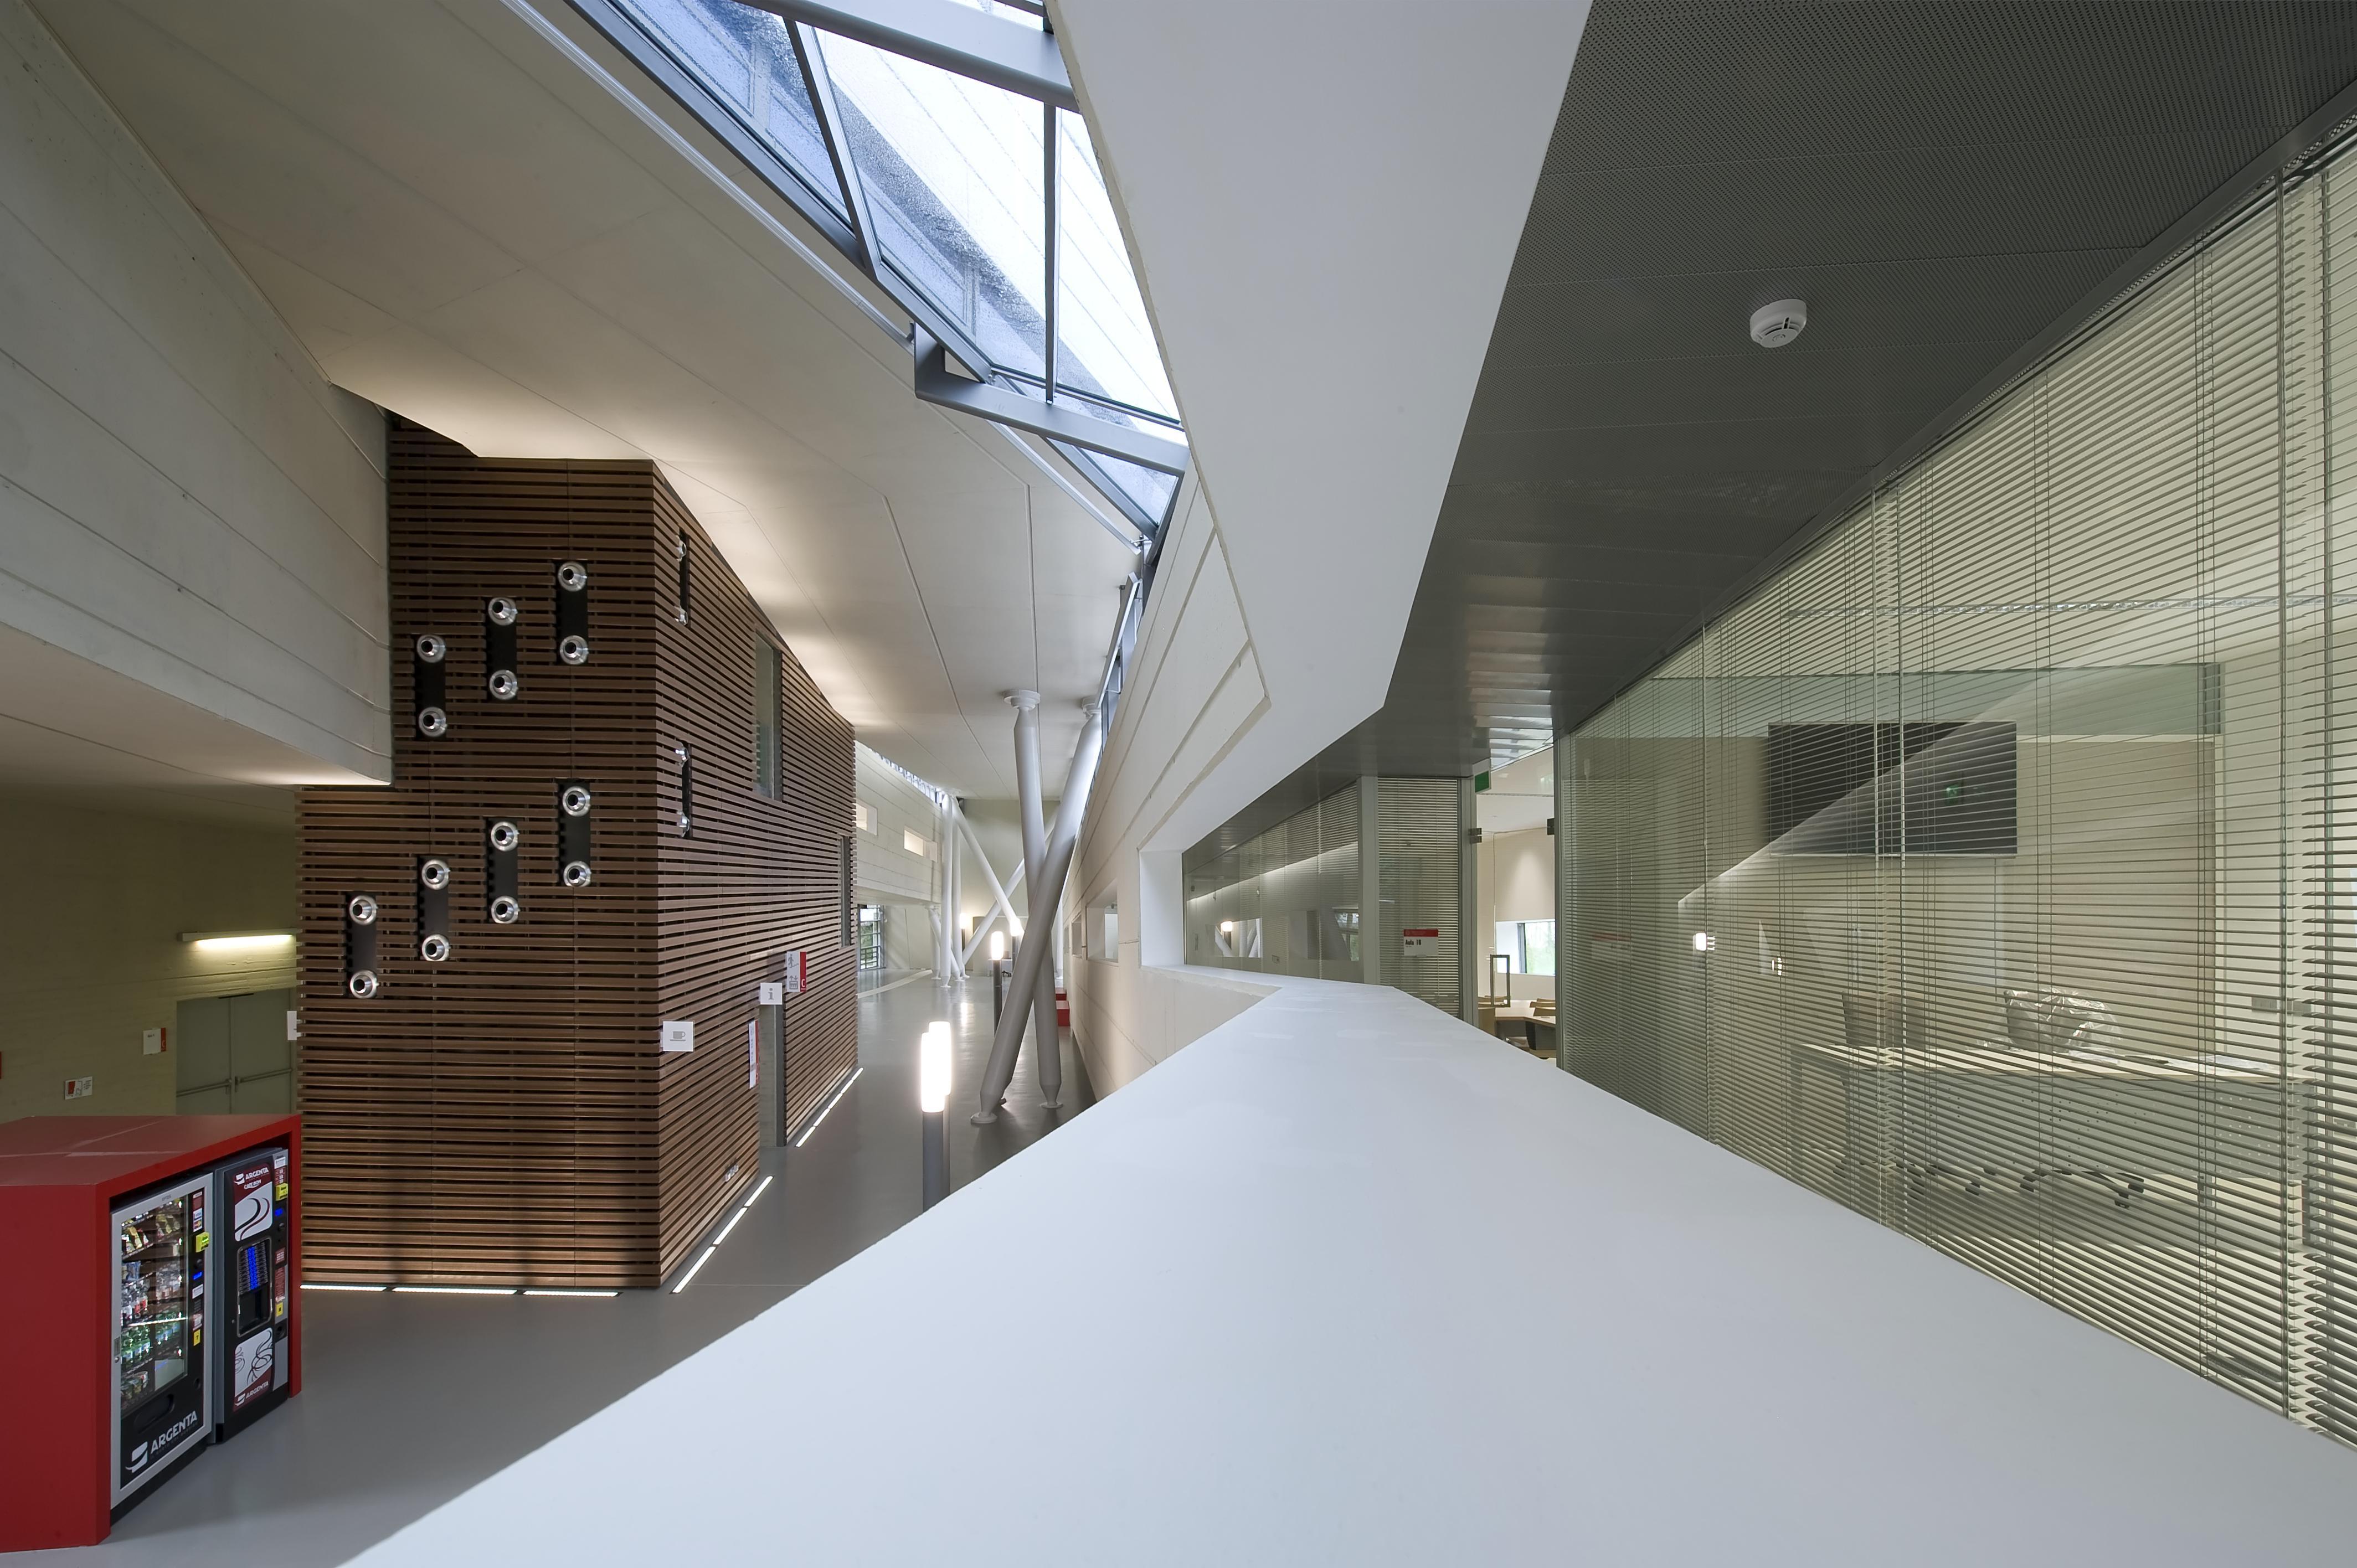 L'equilibrio perfetto - Luce e Design